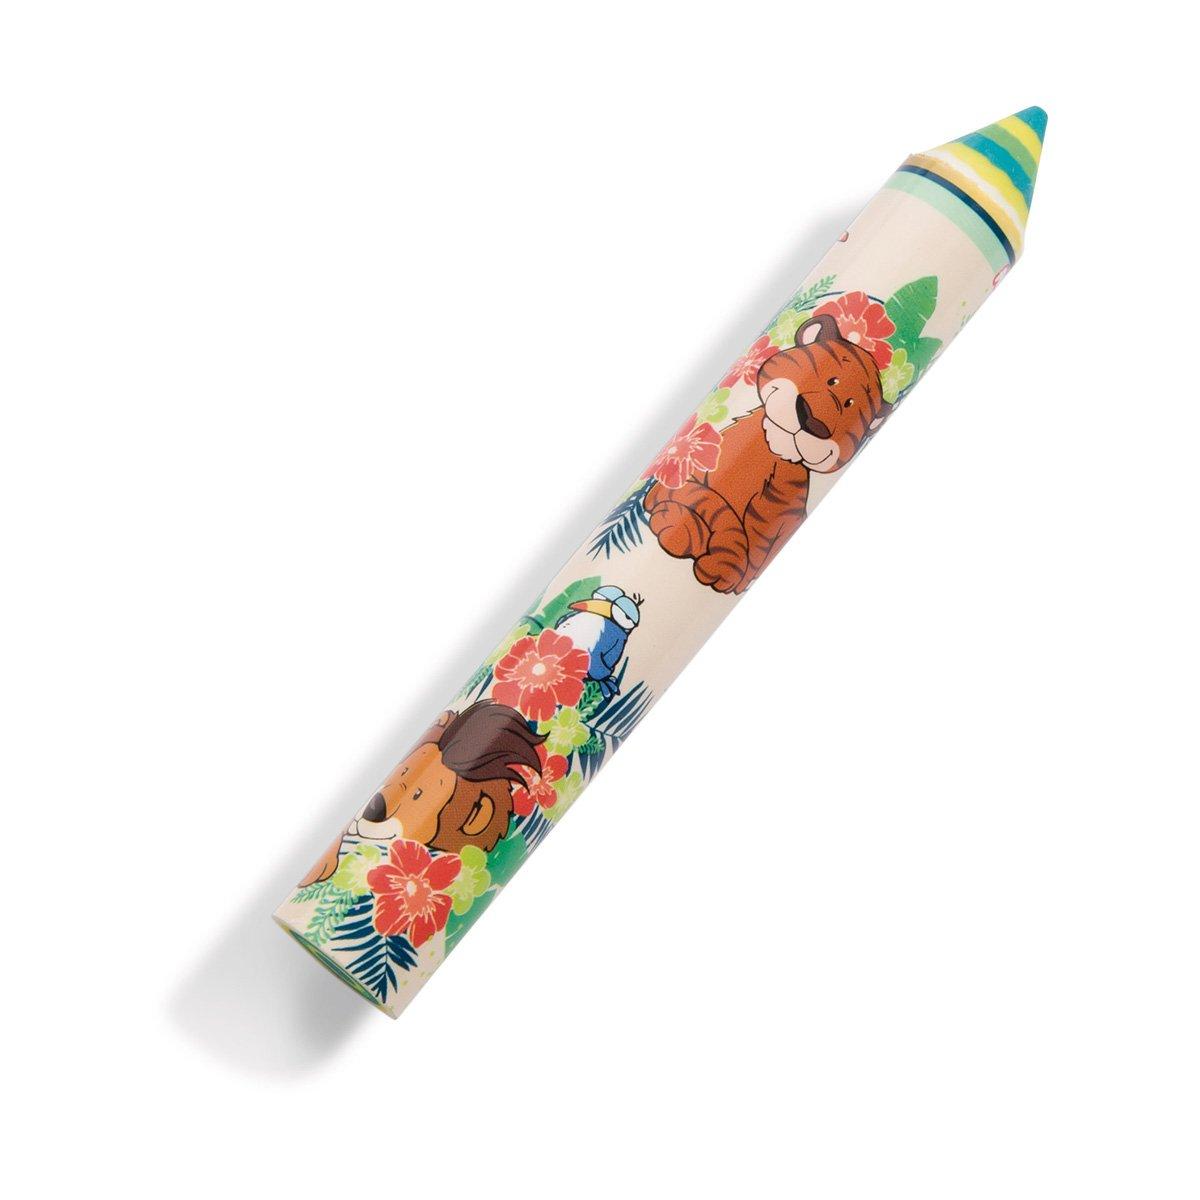 Creion color Nici, 13 cm